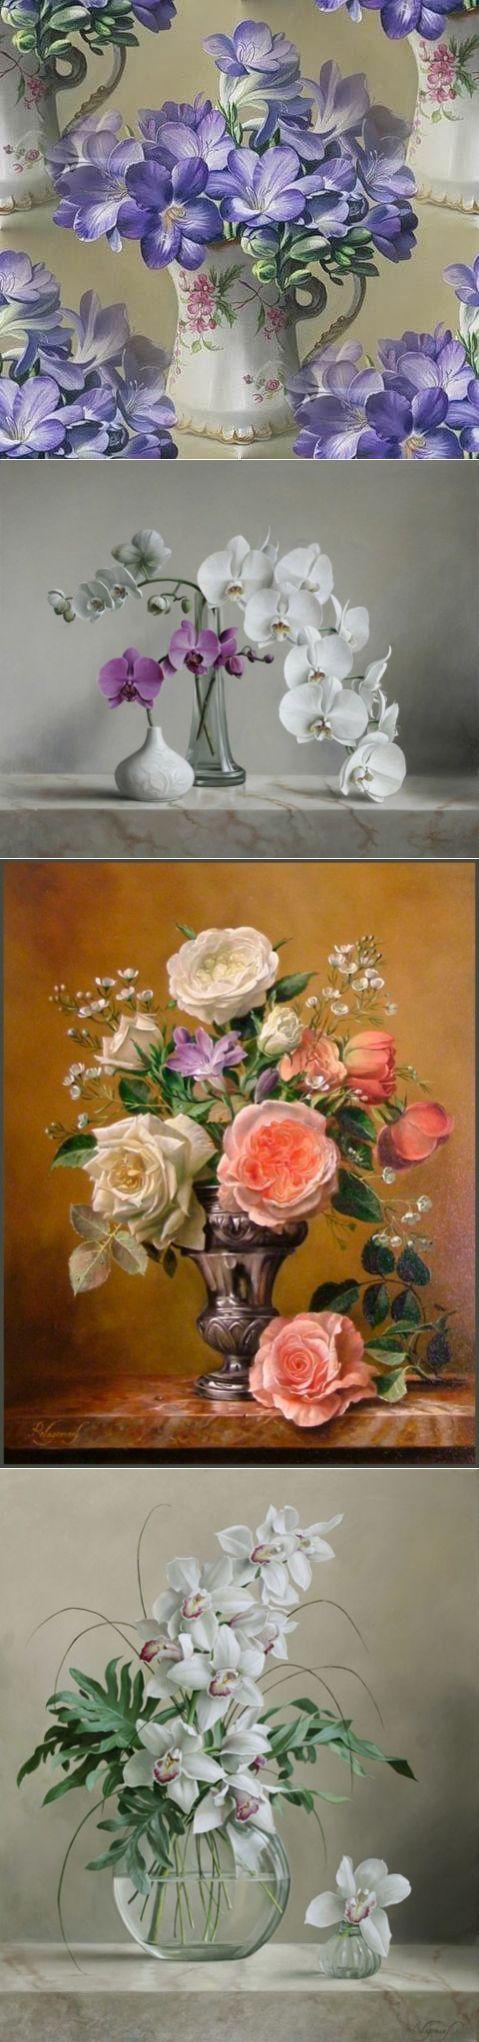 Изысканная живопись. Художник Питер Вагеманс | 5минутка | искусство | Постила